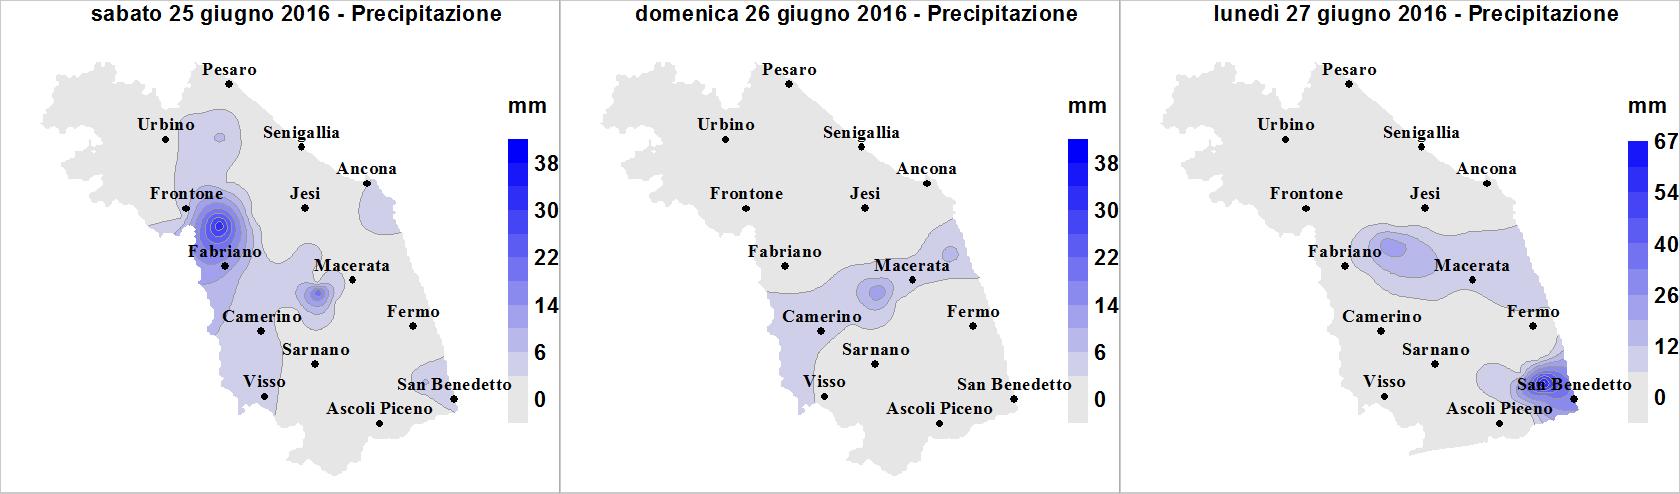 Meteo ASSAM Regione Marche - precipitazione 25 27 giugno 2016